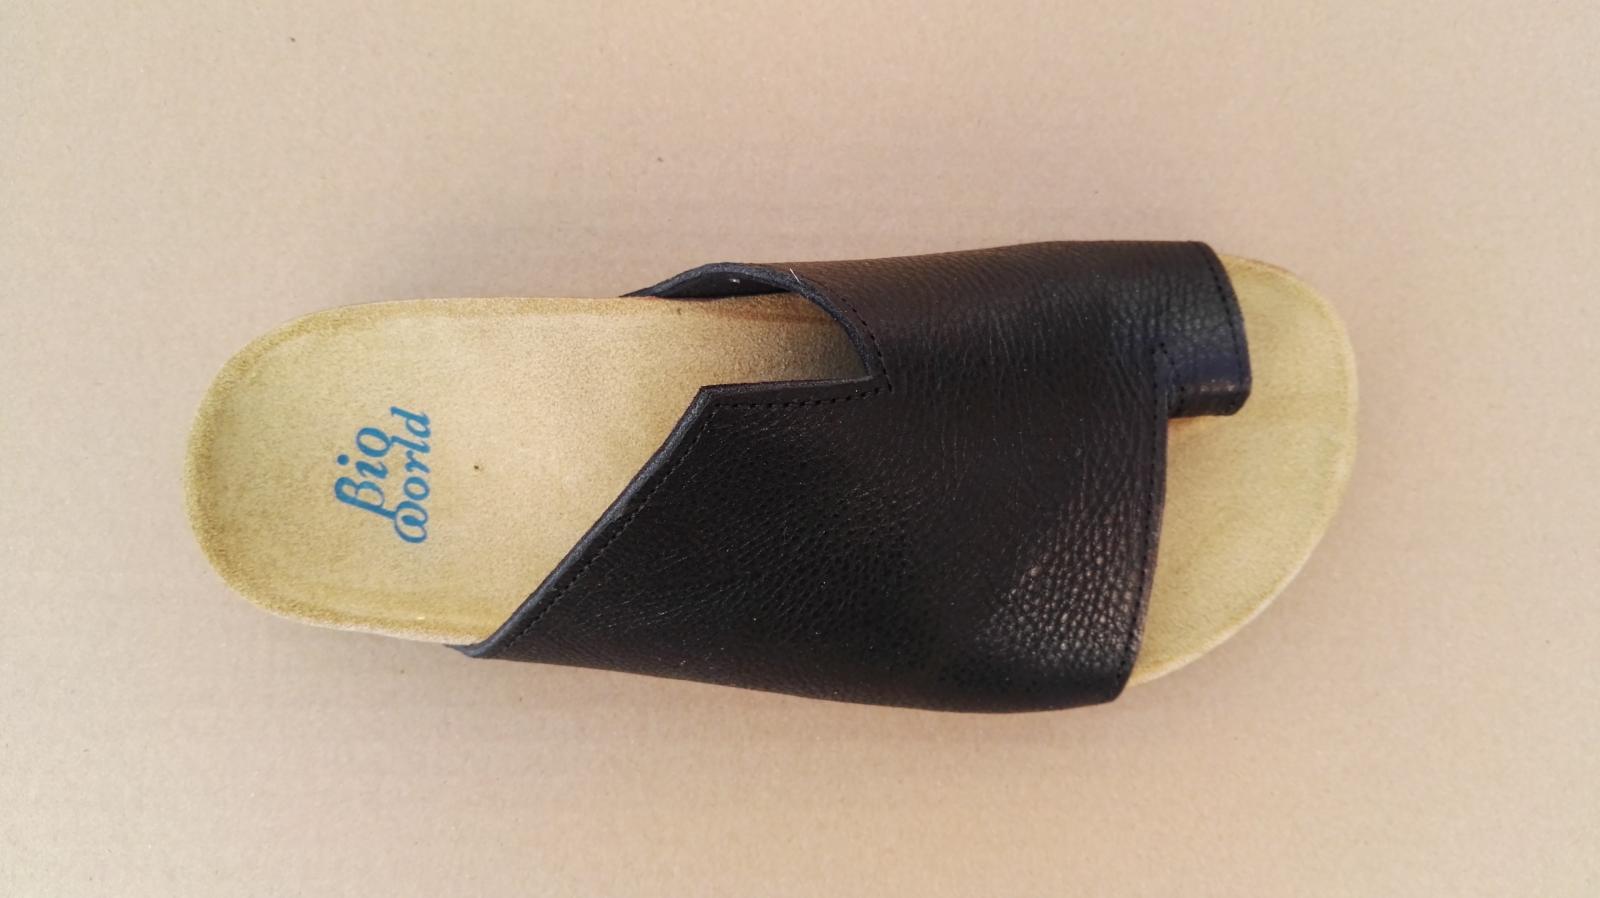 AVILA  NEGRO, sandalias veganas, sandalias veganas mujer, calzado vegano, sandalias de tacón bajo, sandalias bioworld, vegan shoes, sandalias negras.